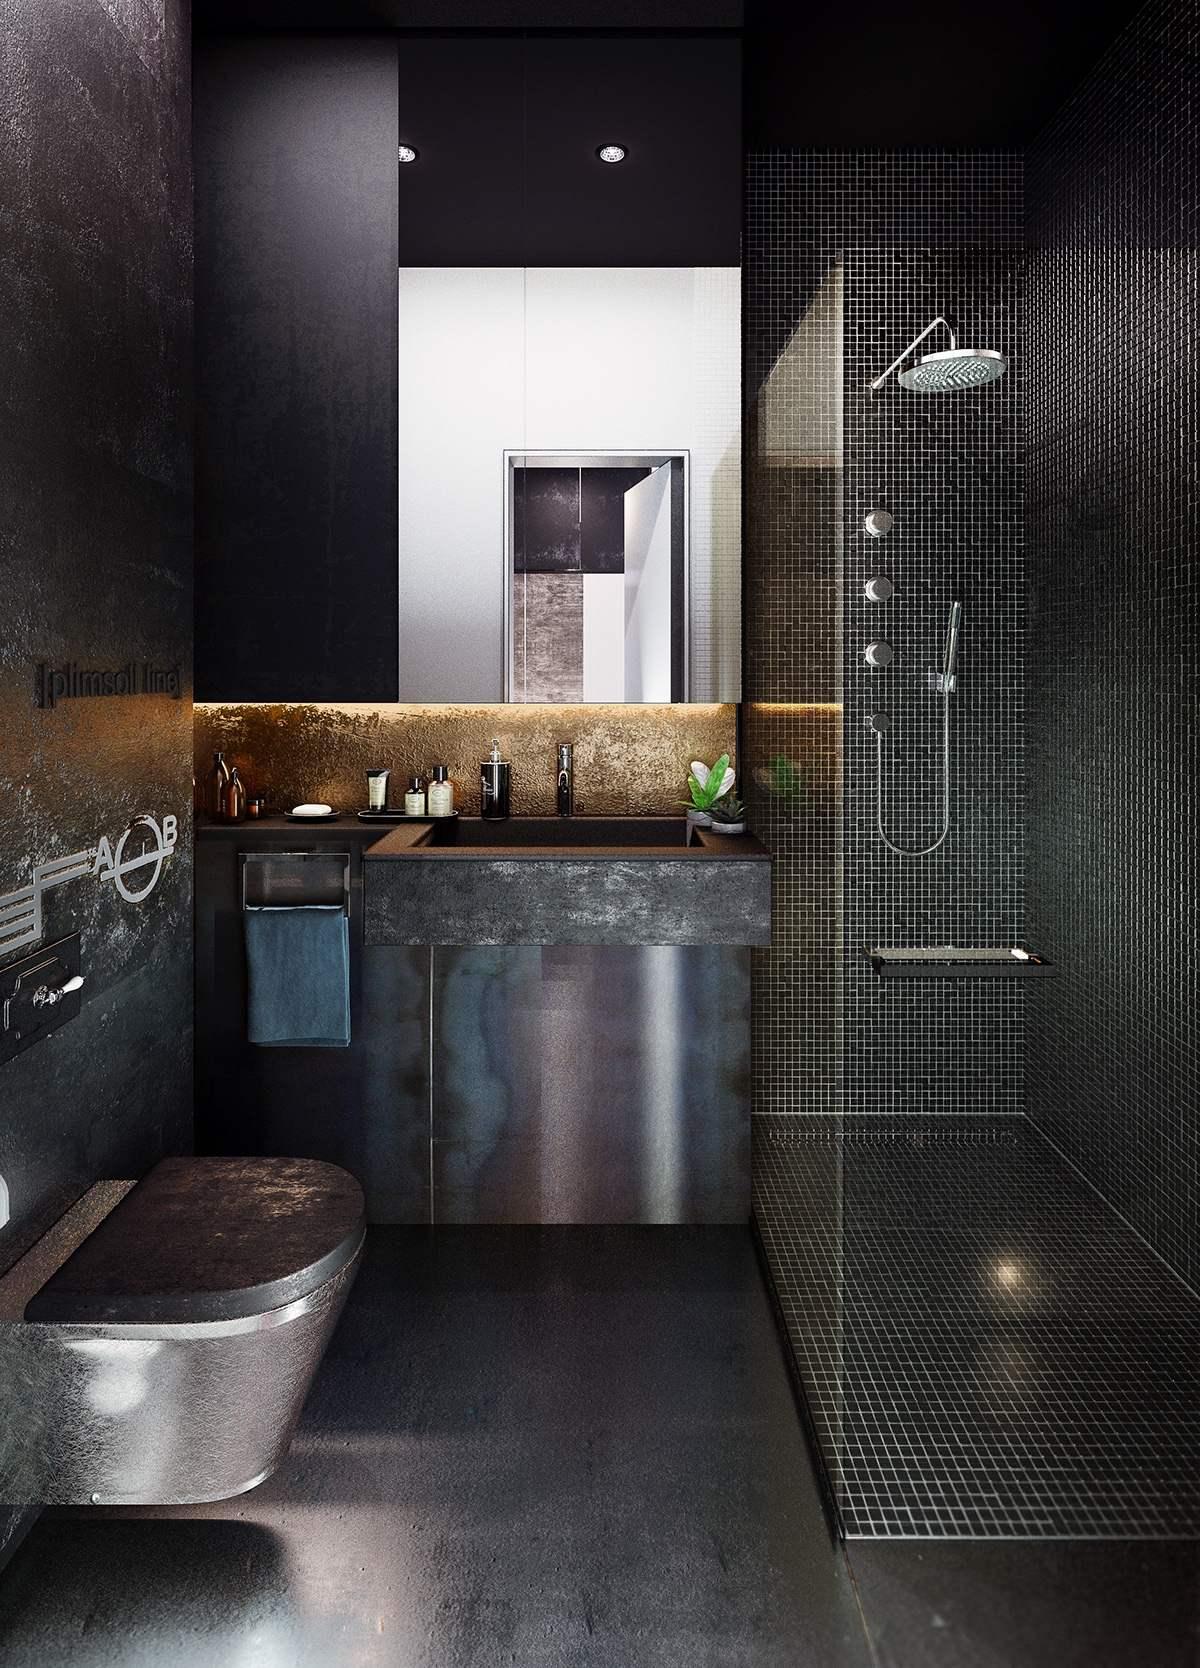 industrial-style-bathroom-vanity